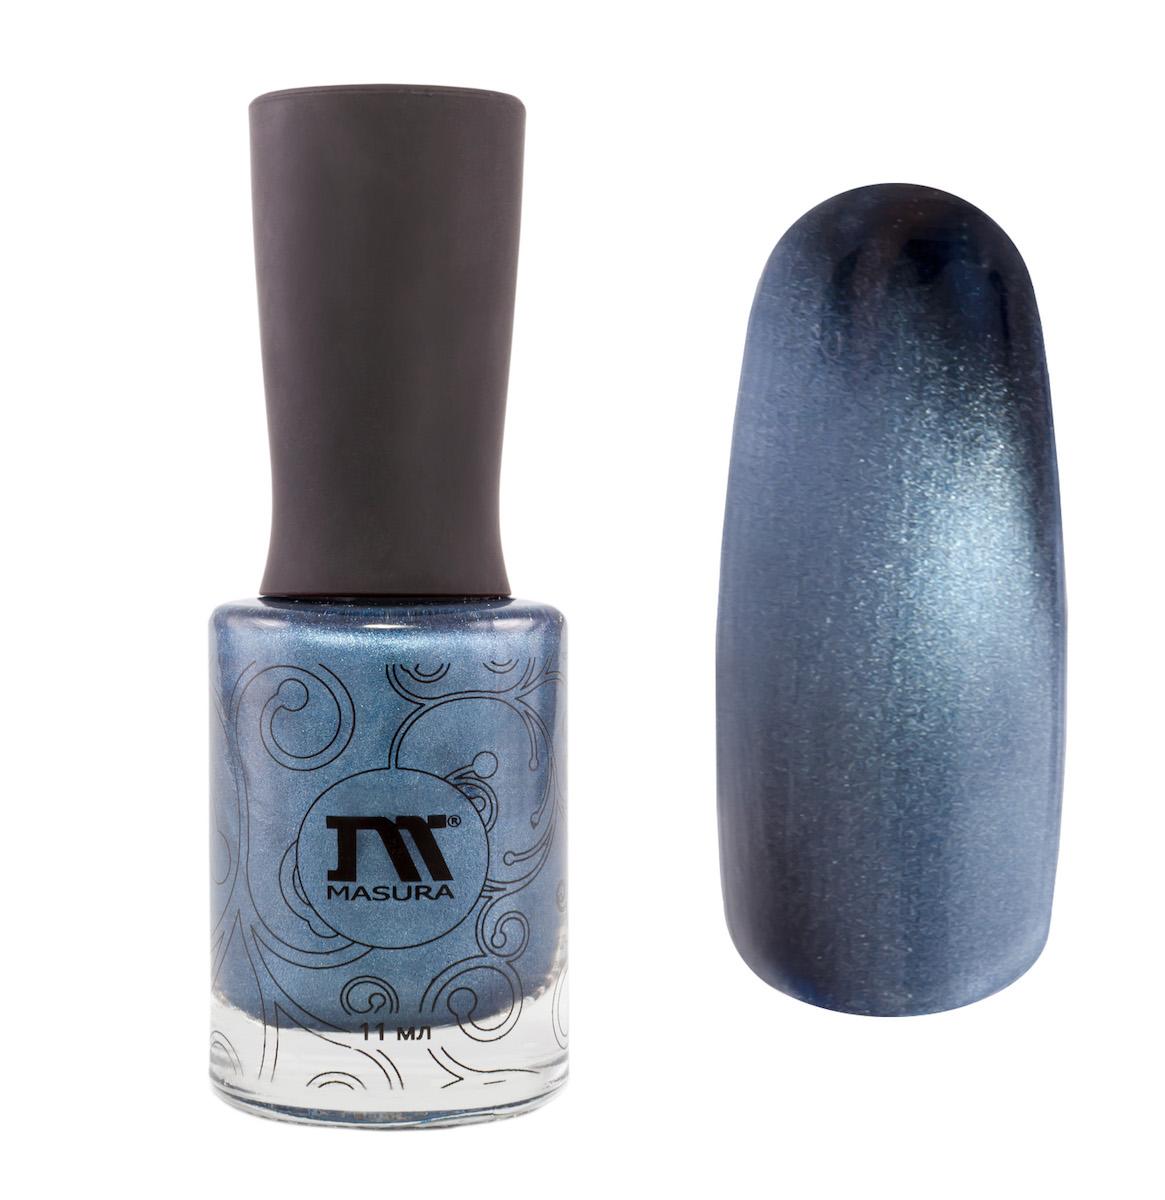 Masura Лак для ногтей Лазурит счастья, 11 мл30692насыщенный синий